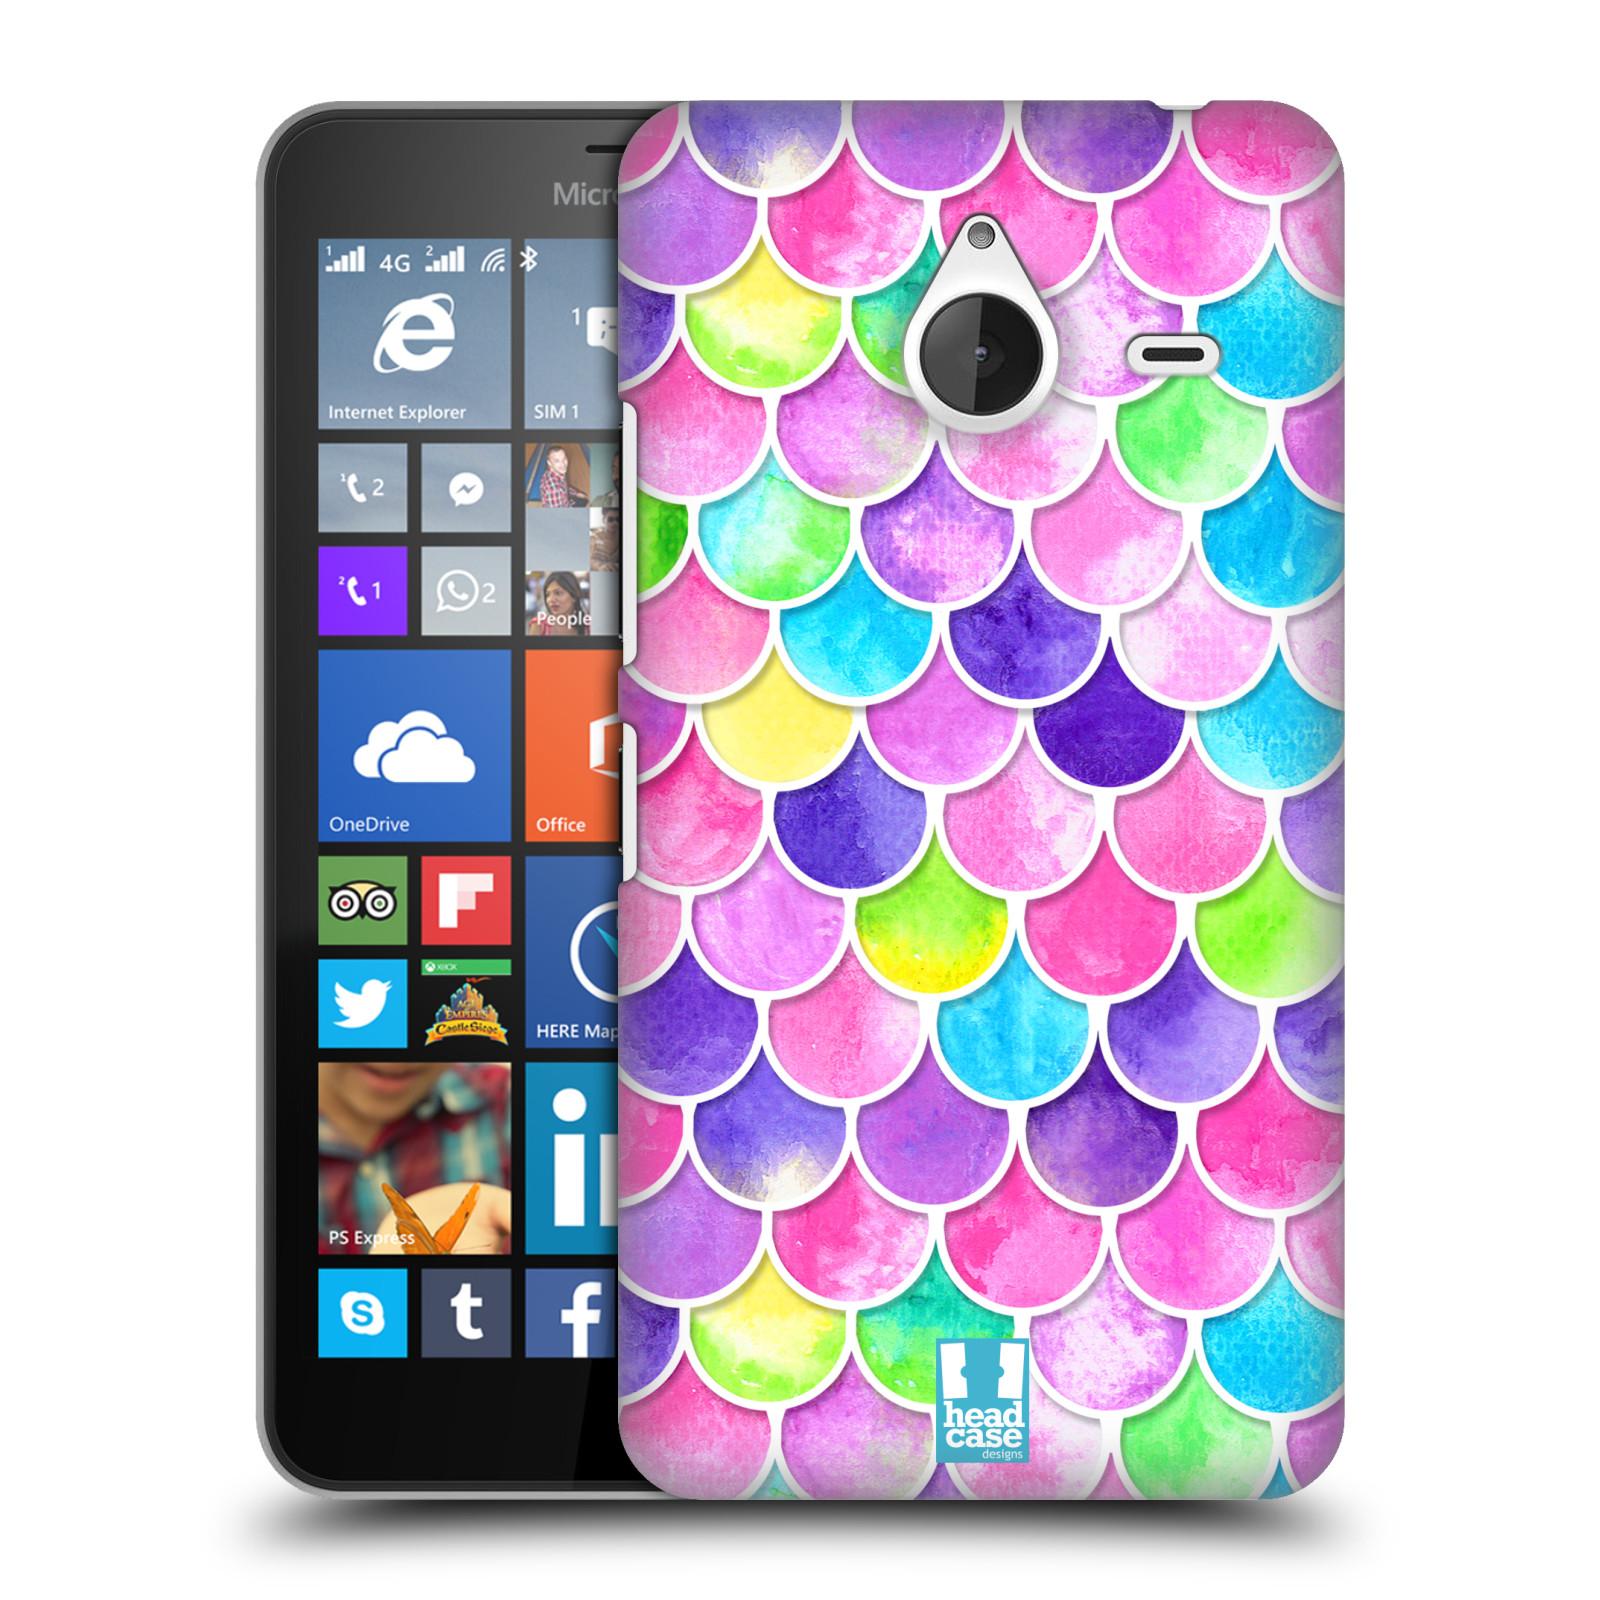 Plastové pouzdro na mobil Microsoft Lumia 640 XL - Head Case - Barevné šupinky (Plastový kryt či obal na mobilní telefon s motivem šupinek pro Microsoft Lumia 640 XL)